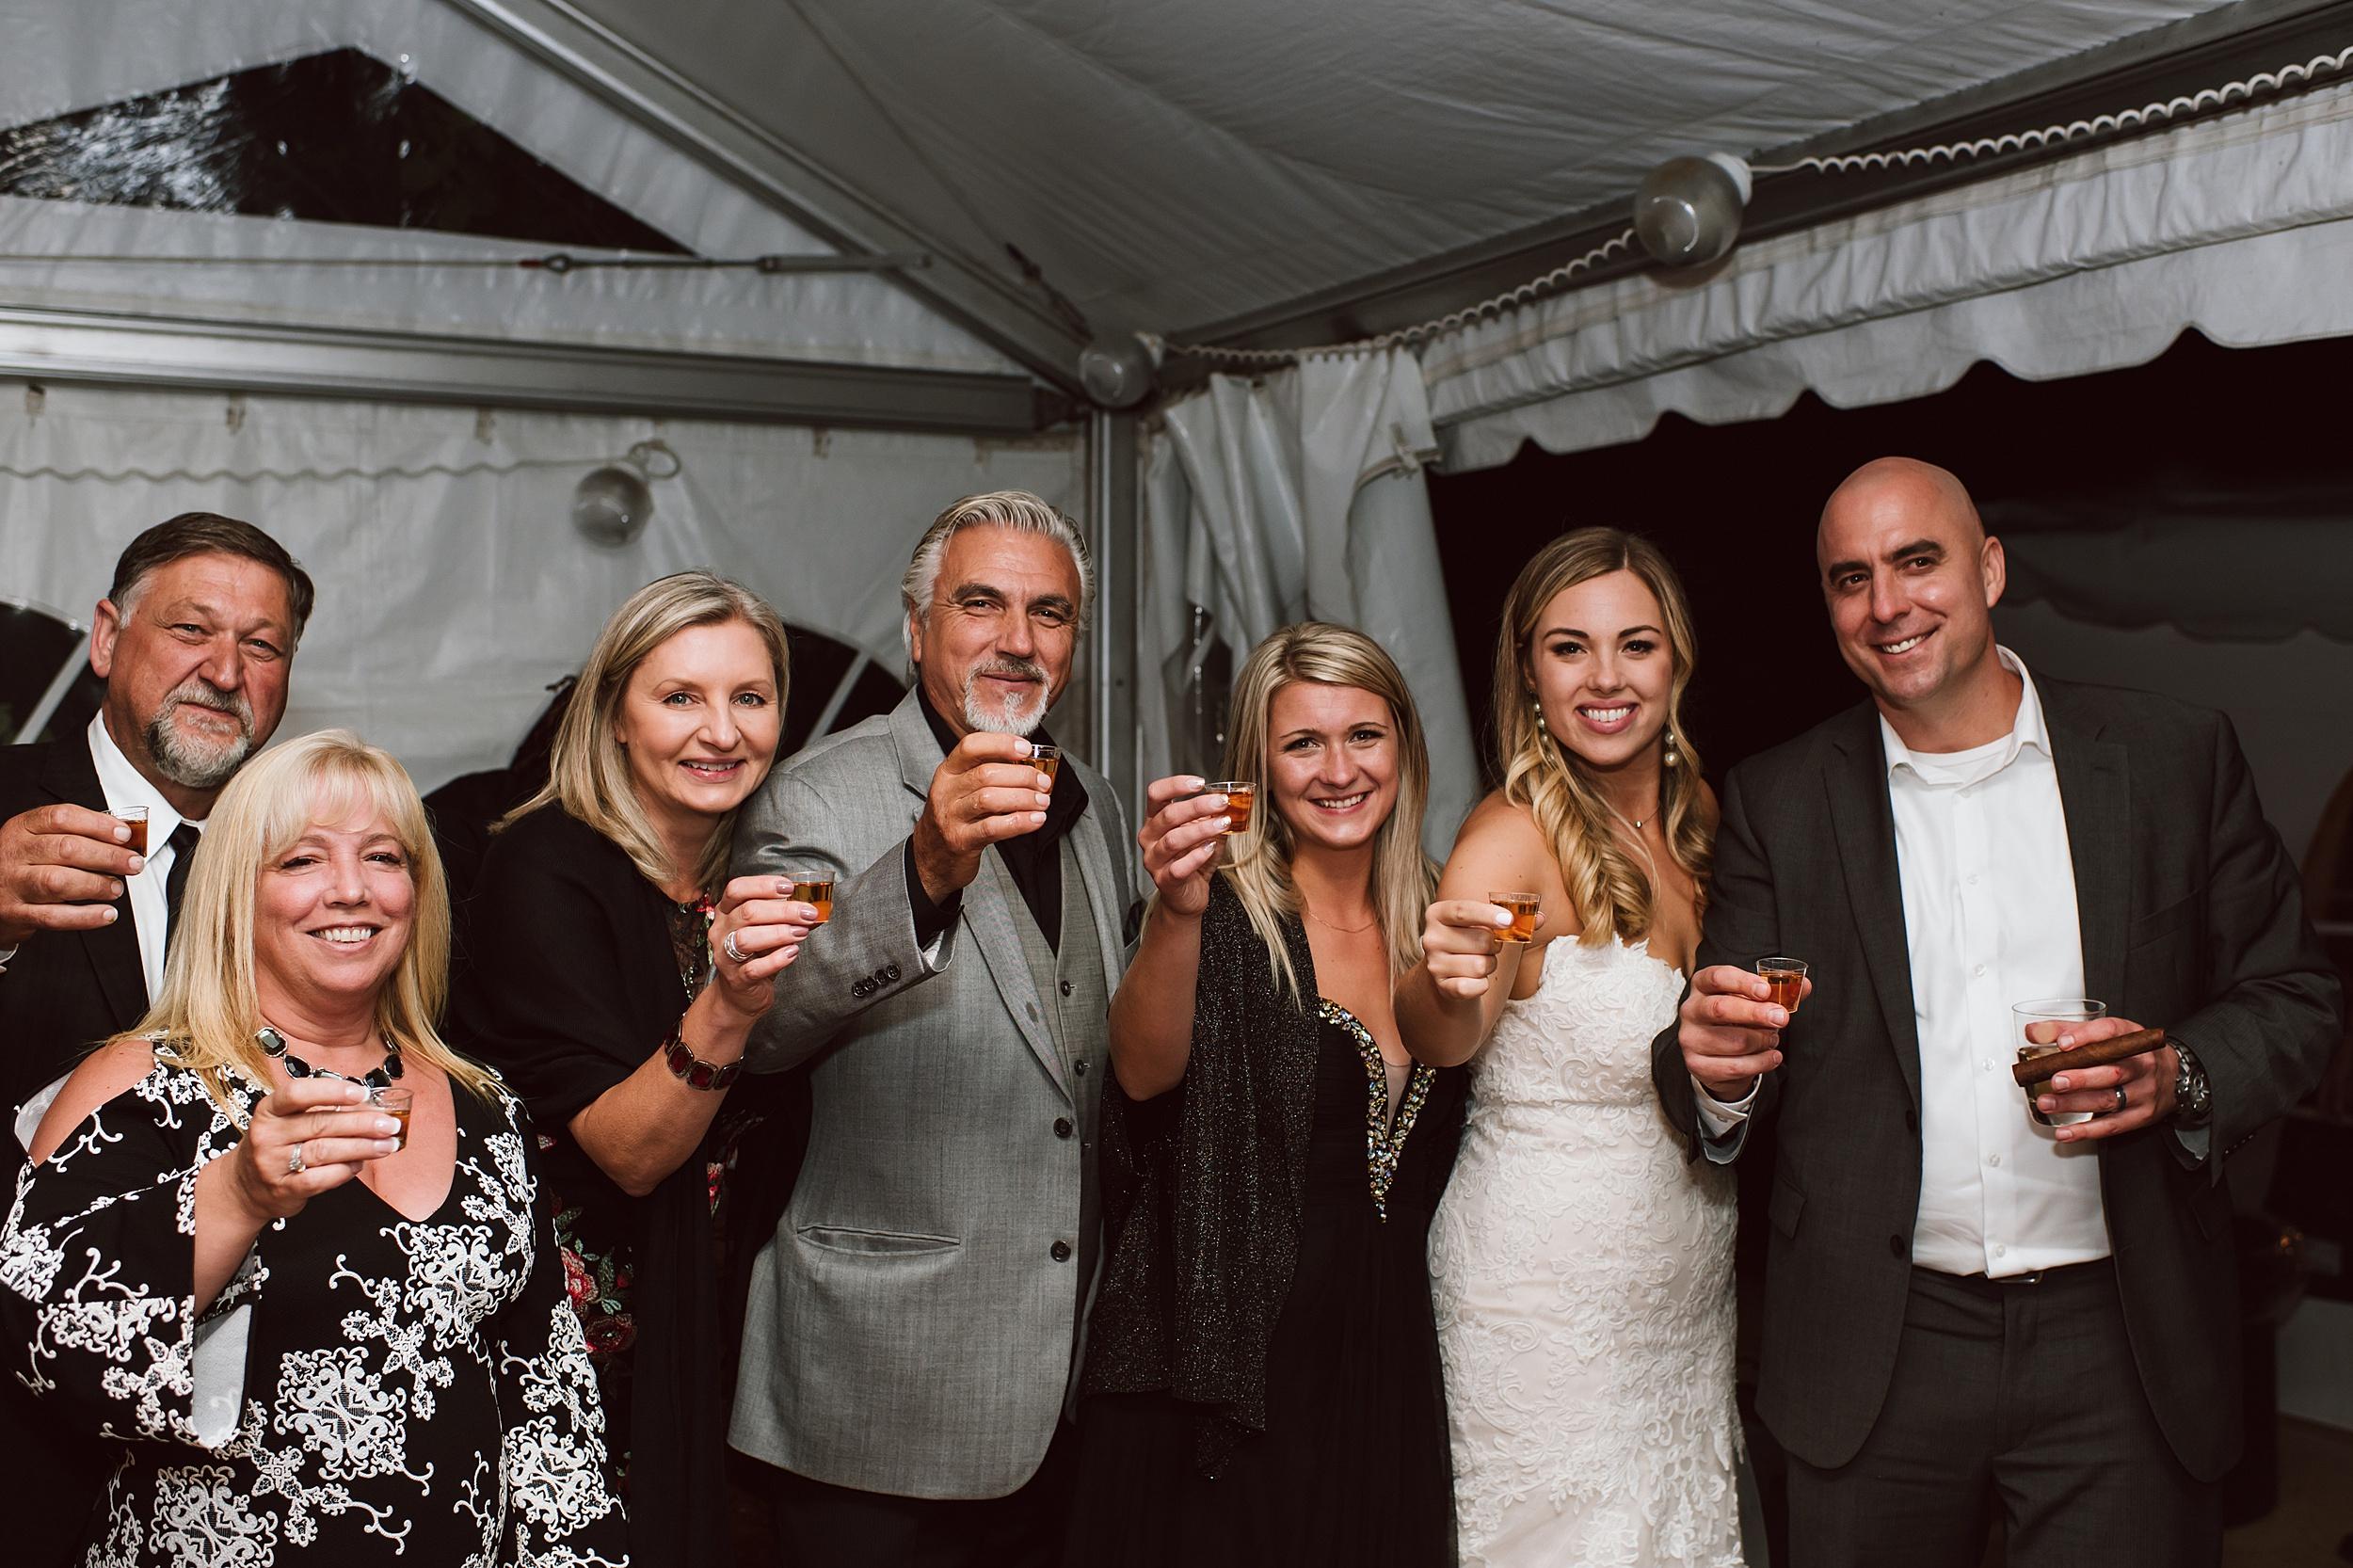 Rustic_Backyard_Wedding_Toronto_Photographer187.jpg